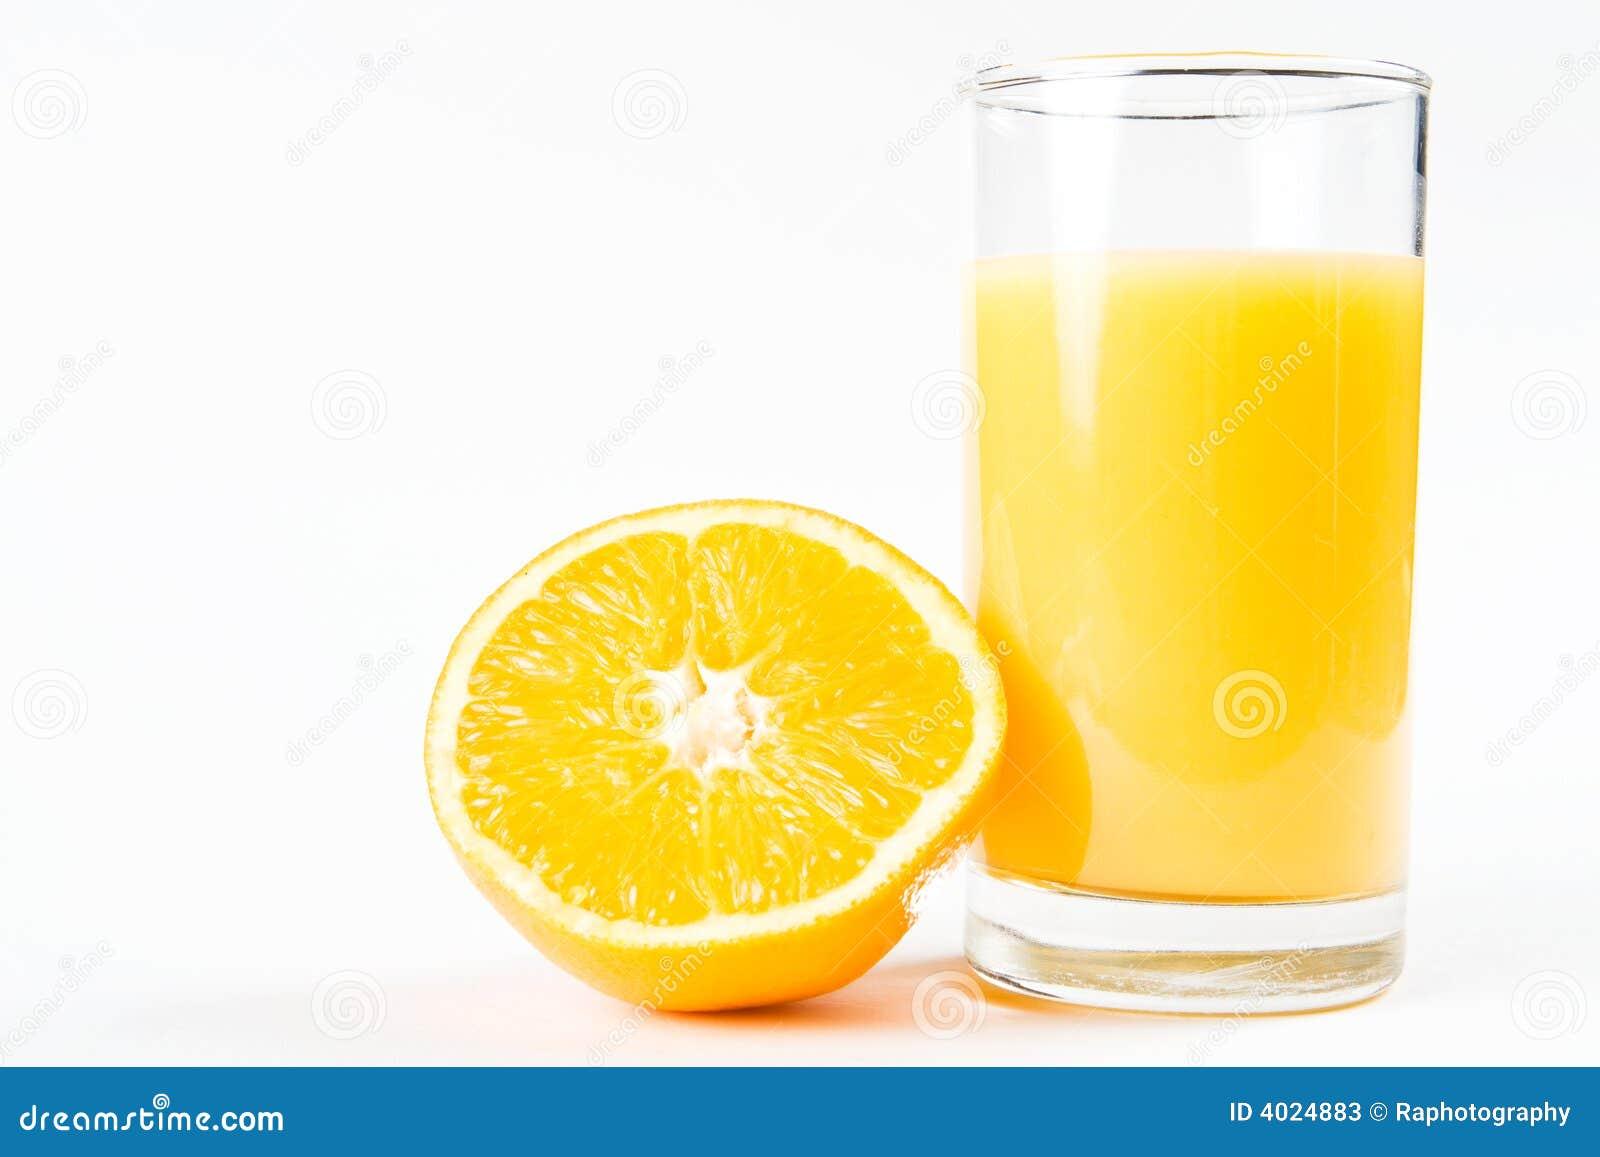 Natural Hygiene Raw Food Diet